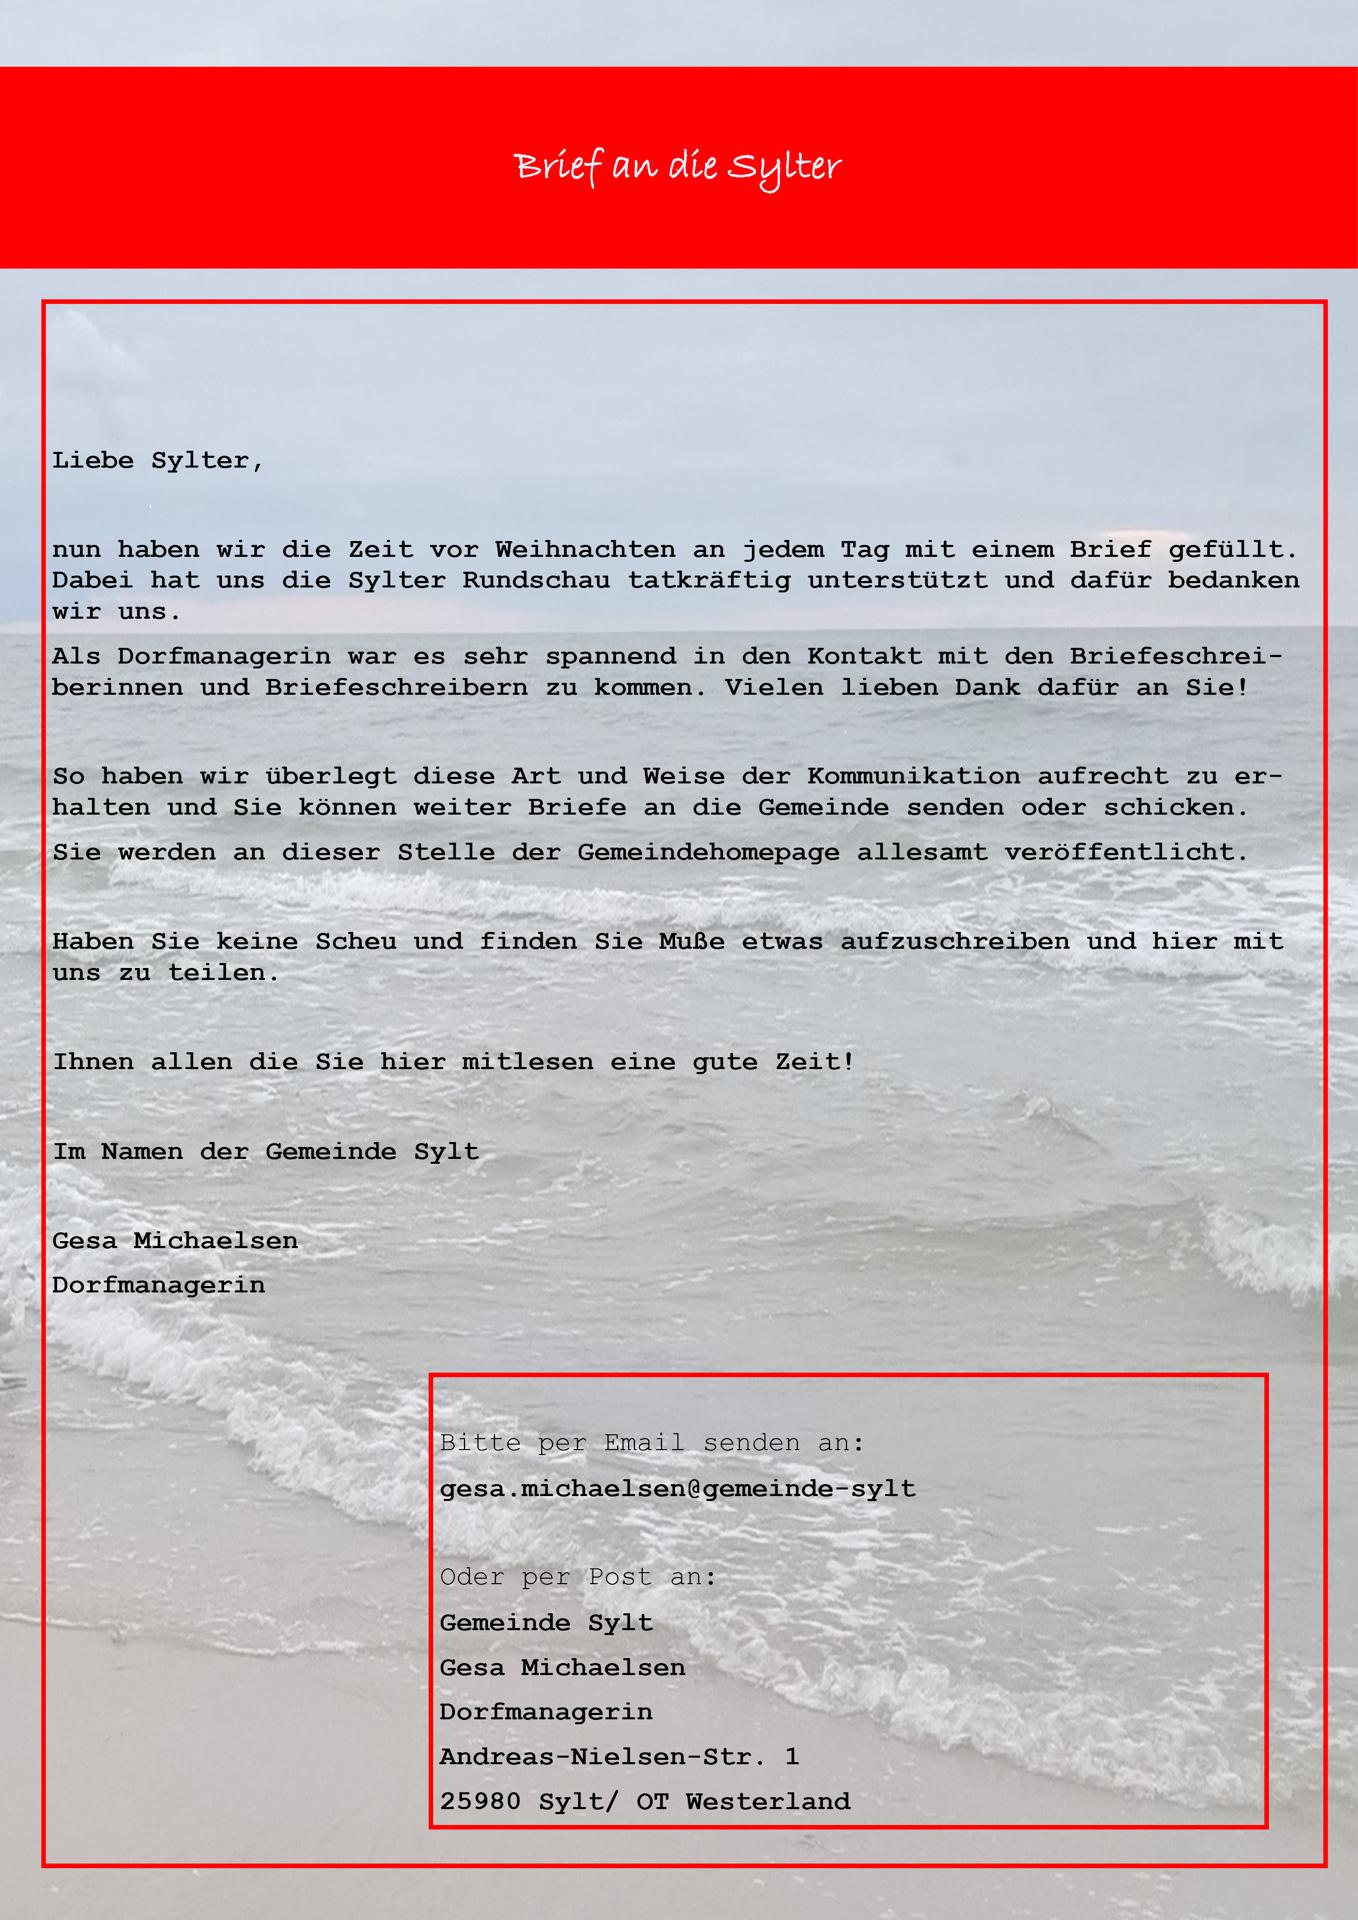 Einen brief sie schreiben Goethe